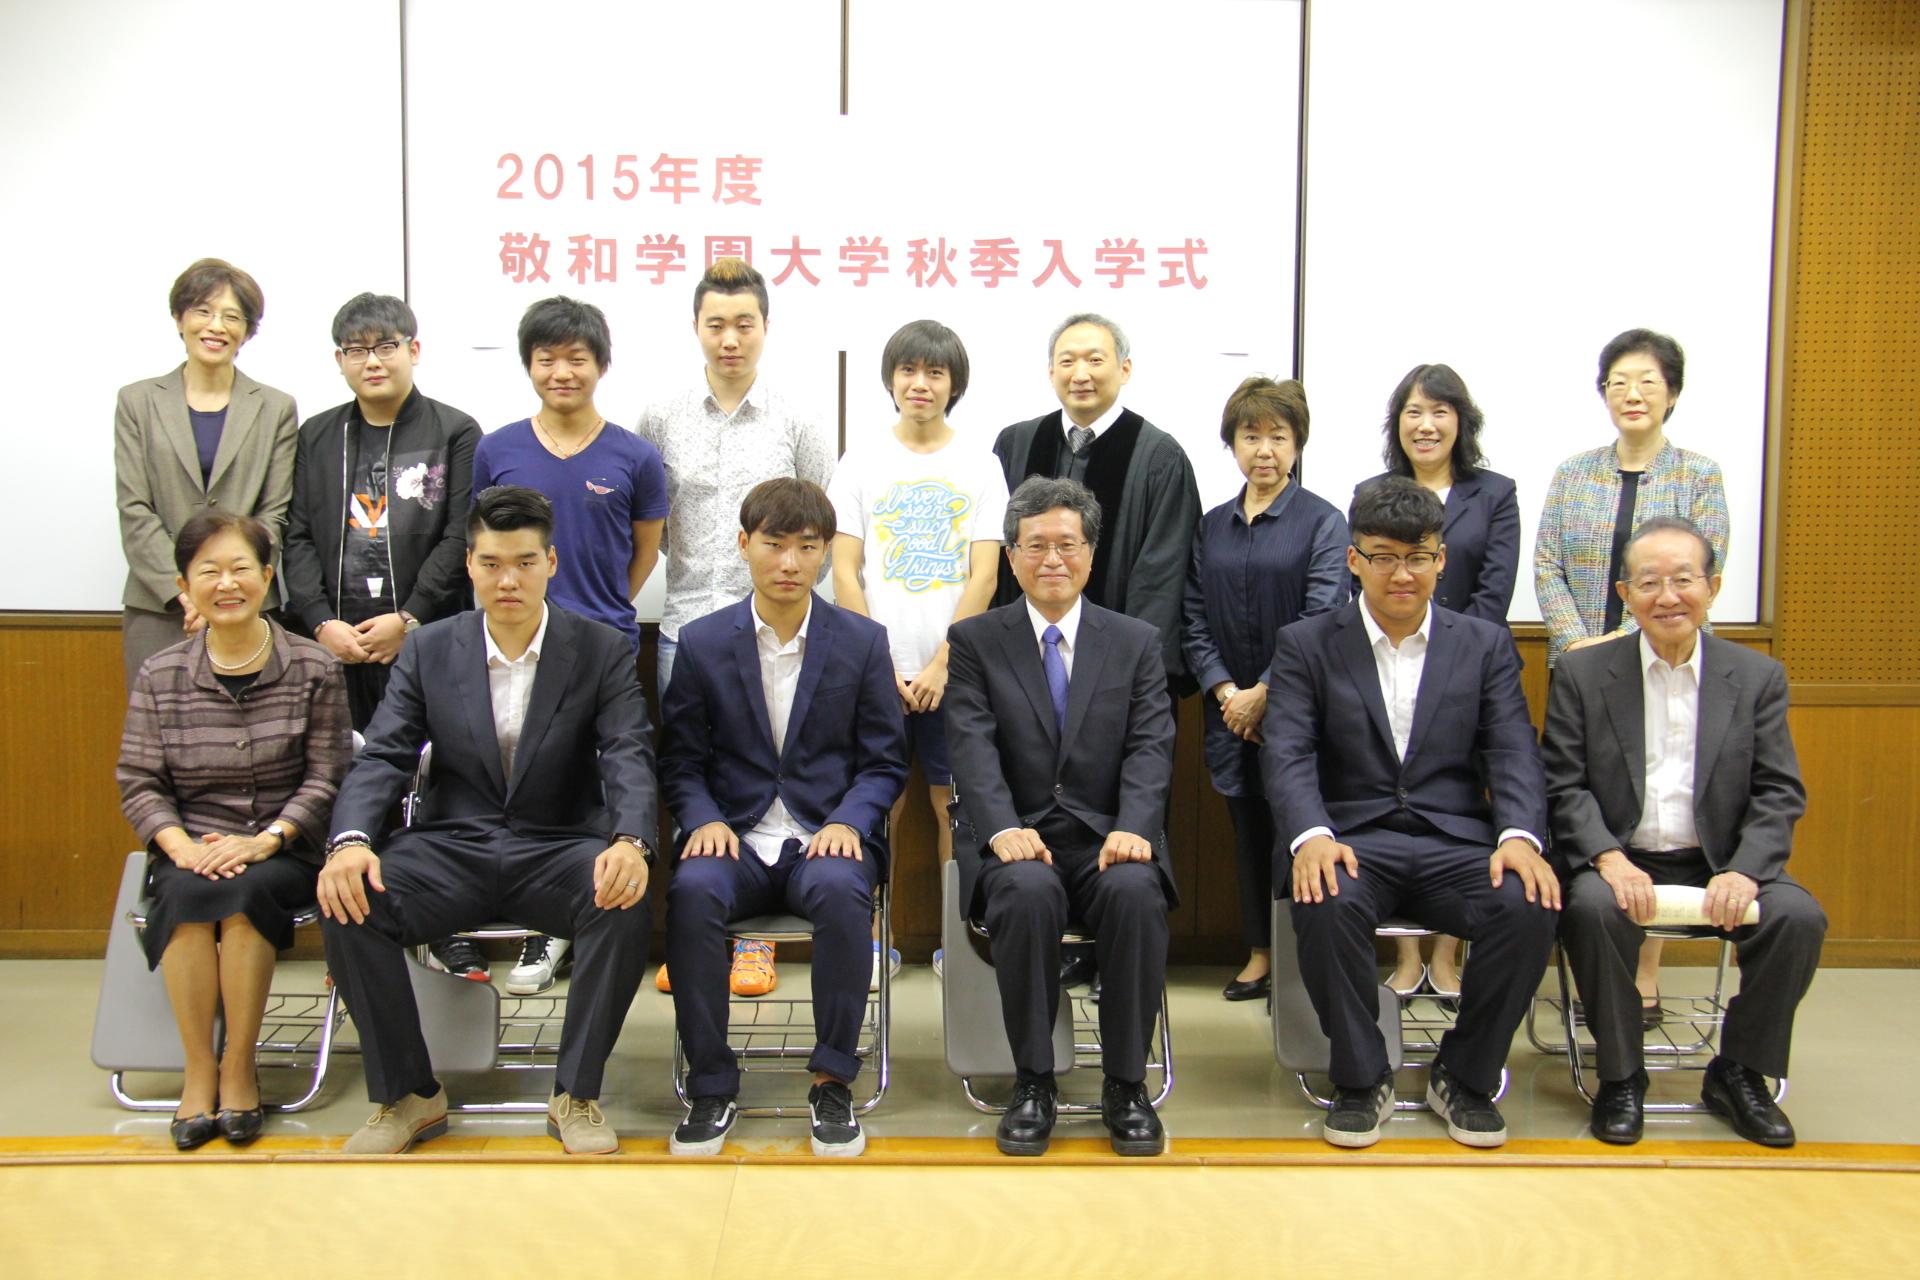 南京からの留学生を迎えての秋季入学式